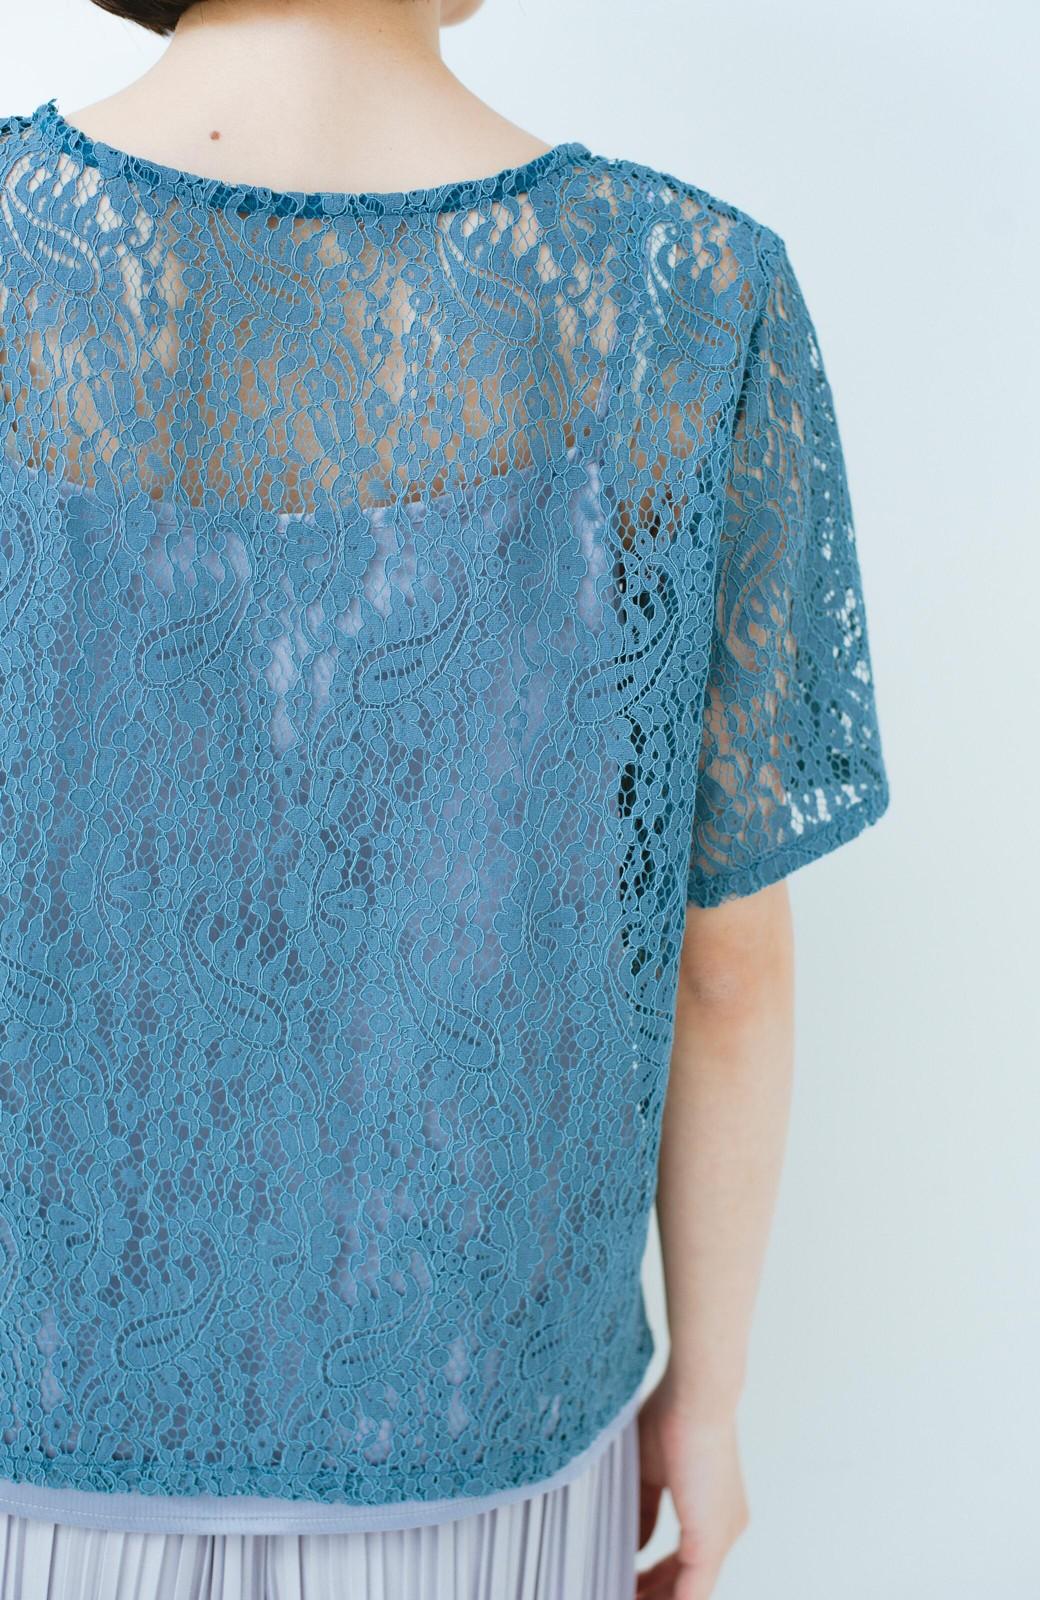 haco! いつものTシャツのかわりに着たい レースTブラウスとキャミソールセット <ブルー>の商品写真5